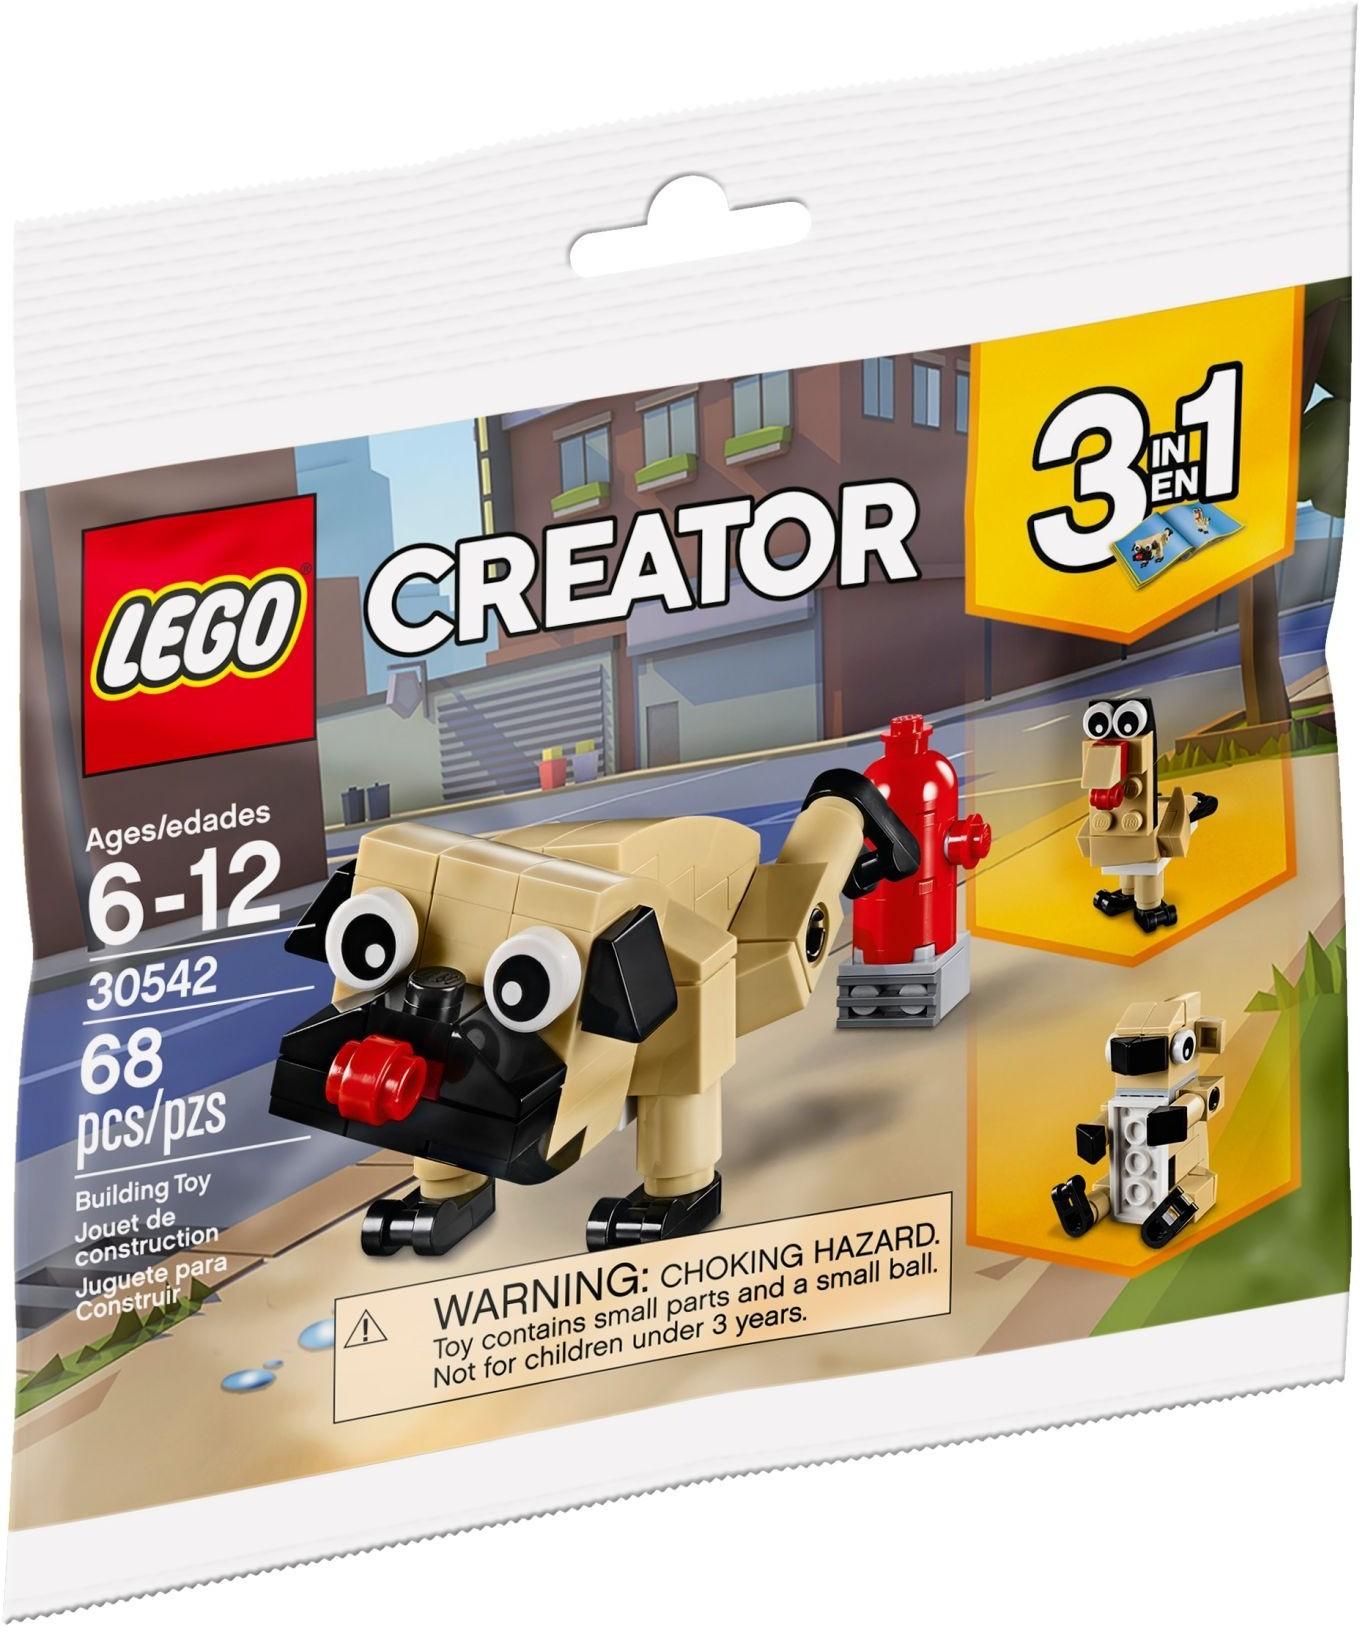 LEGO CREATOR Frog 7606 POLYBAG NUOVO con confezione